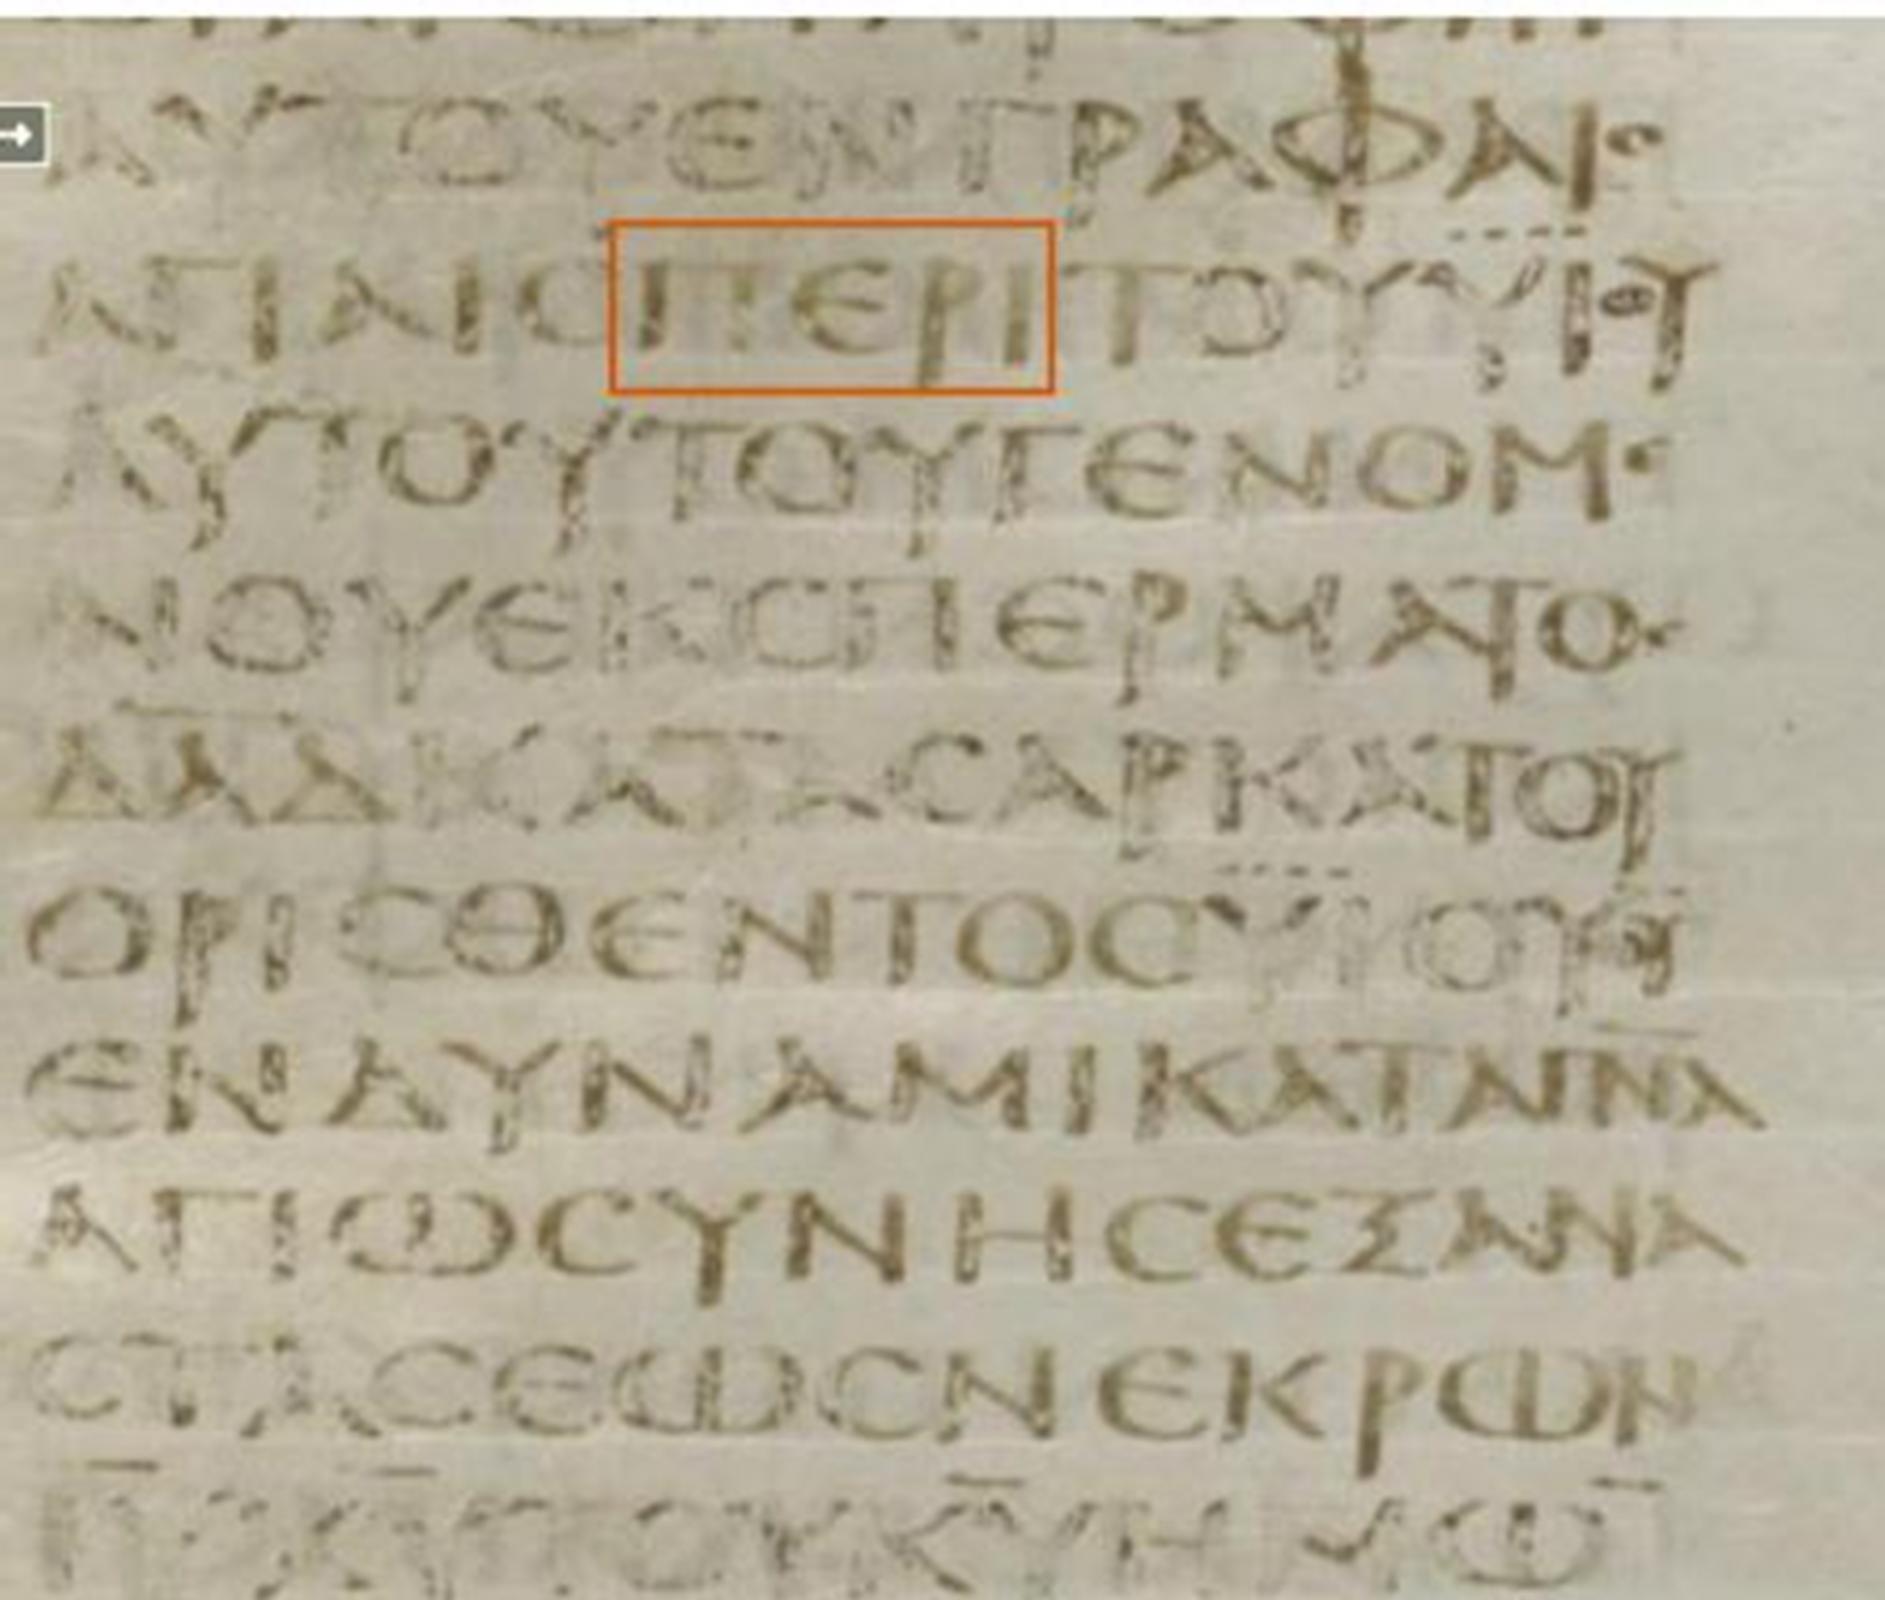 Codex Sinaiticus Romans 1 3.png